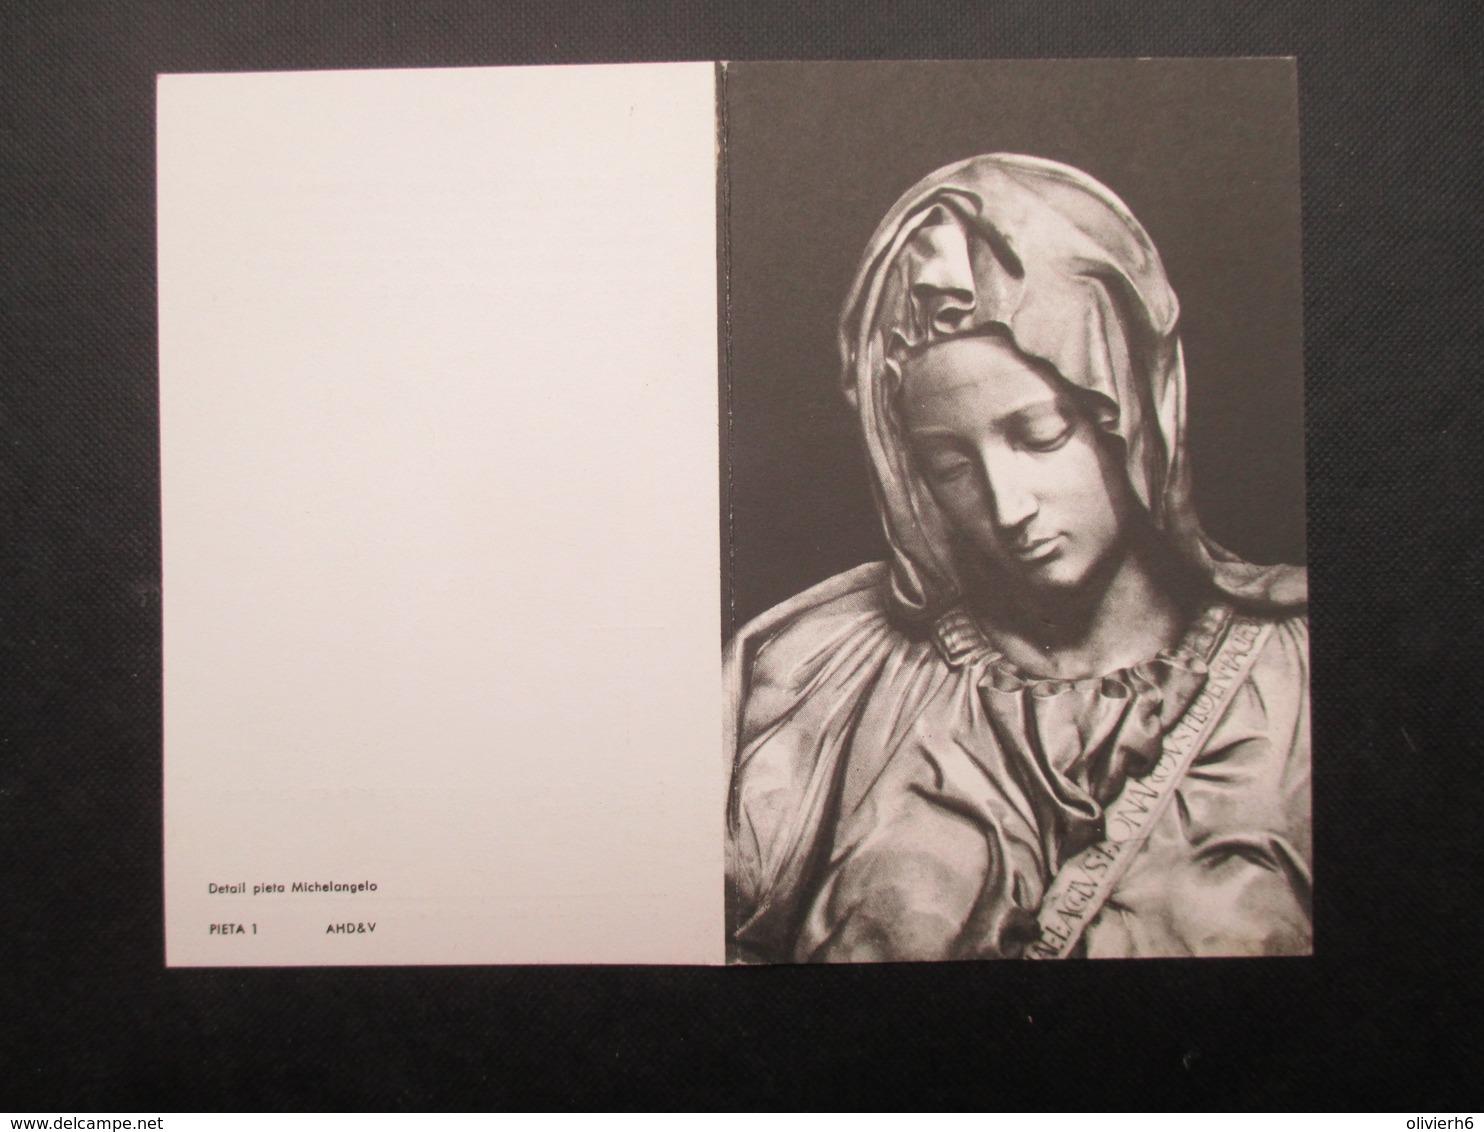 VP BELGIQUE (M1902) DOODSPRENTJE (2 Vues) JOANNA LEONIE COREMANS * LEEST 26/01/1891 - WILLEBROEK 9/9/1970 - Overlijden